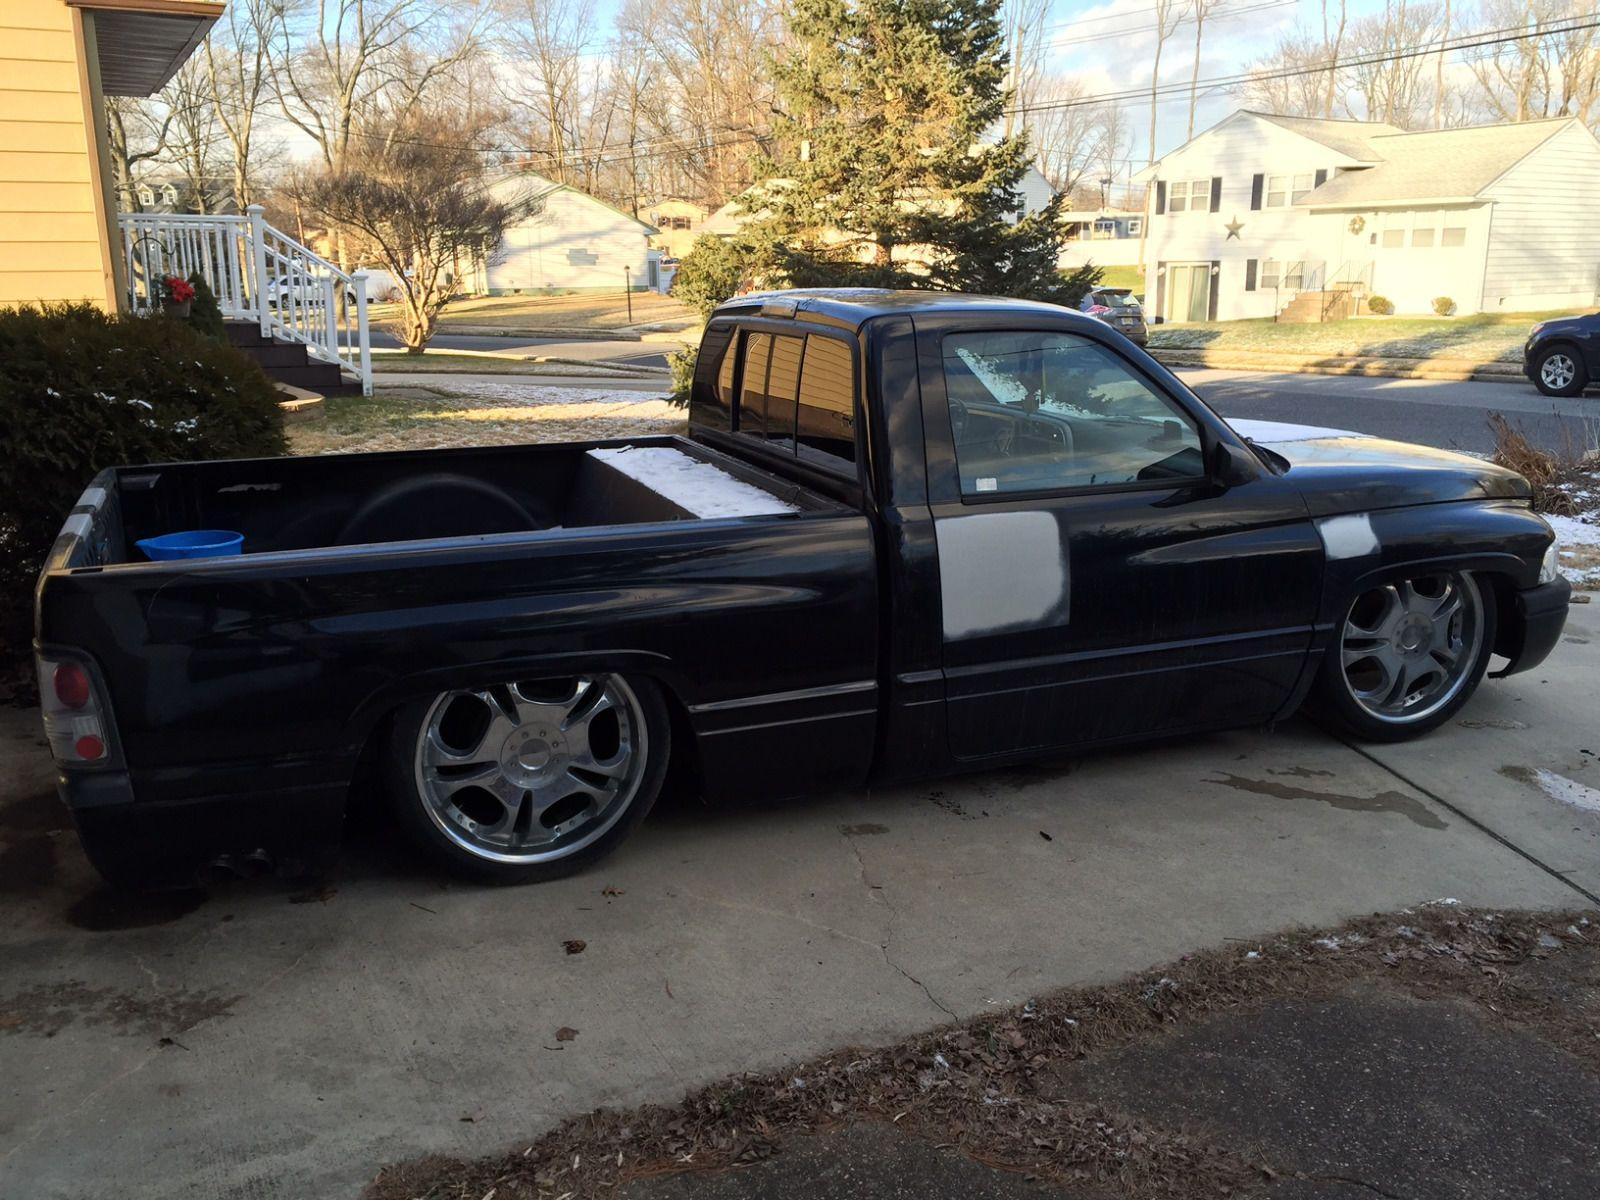 1997 Dodge Ram 1500 SST Bagged Shop Truck for sale Dodge